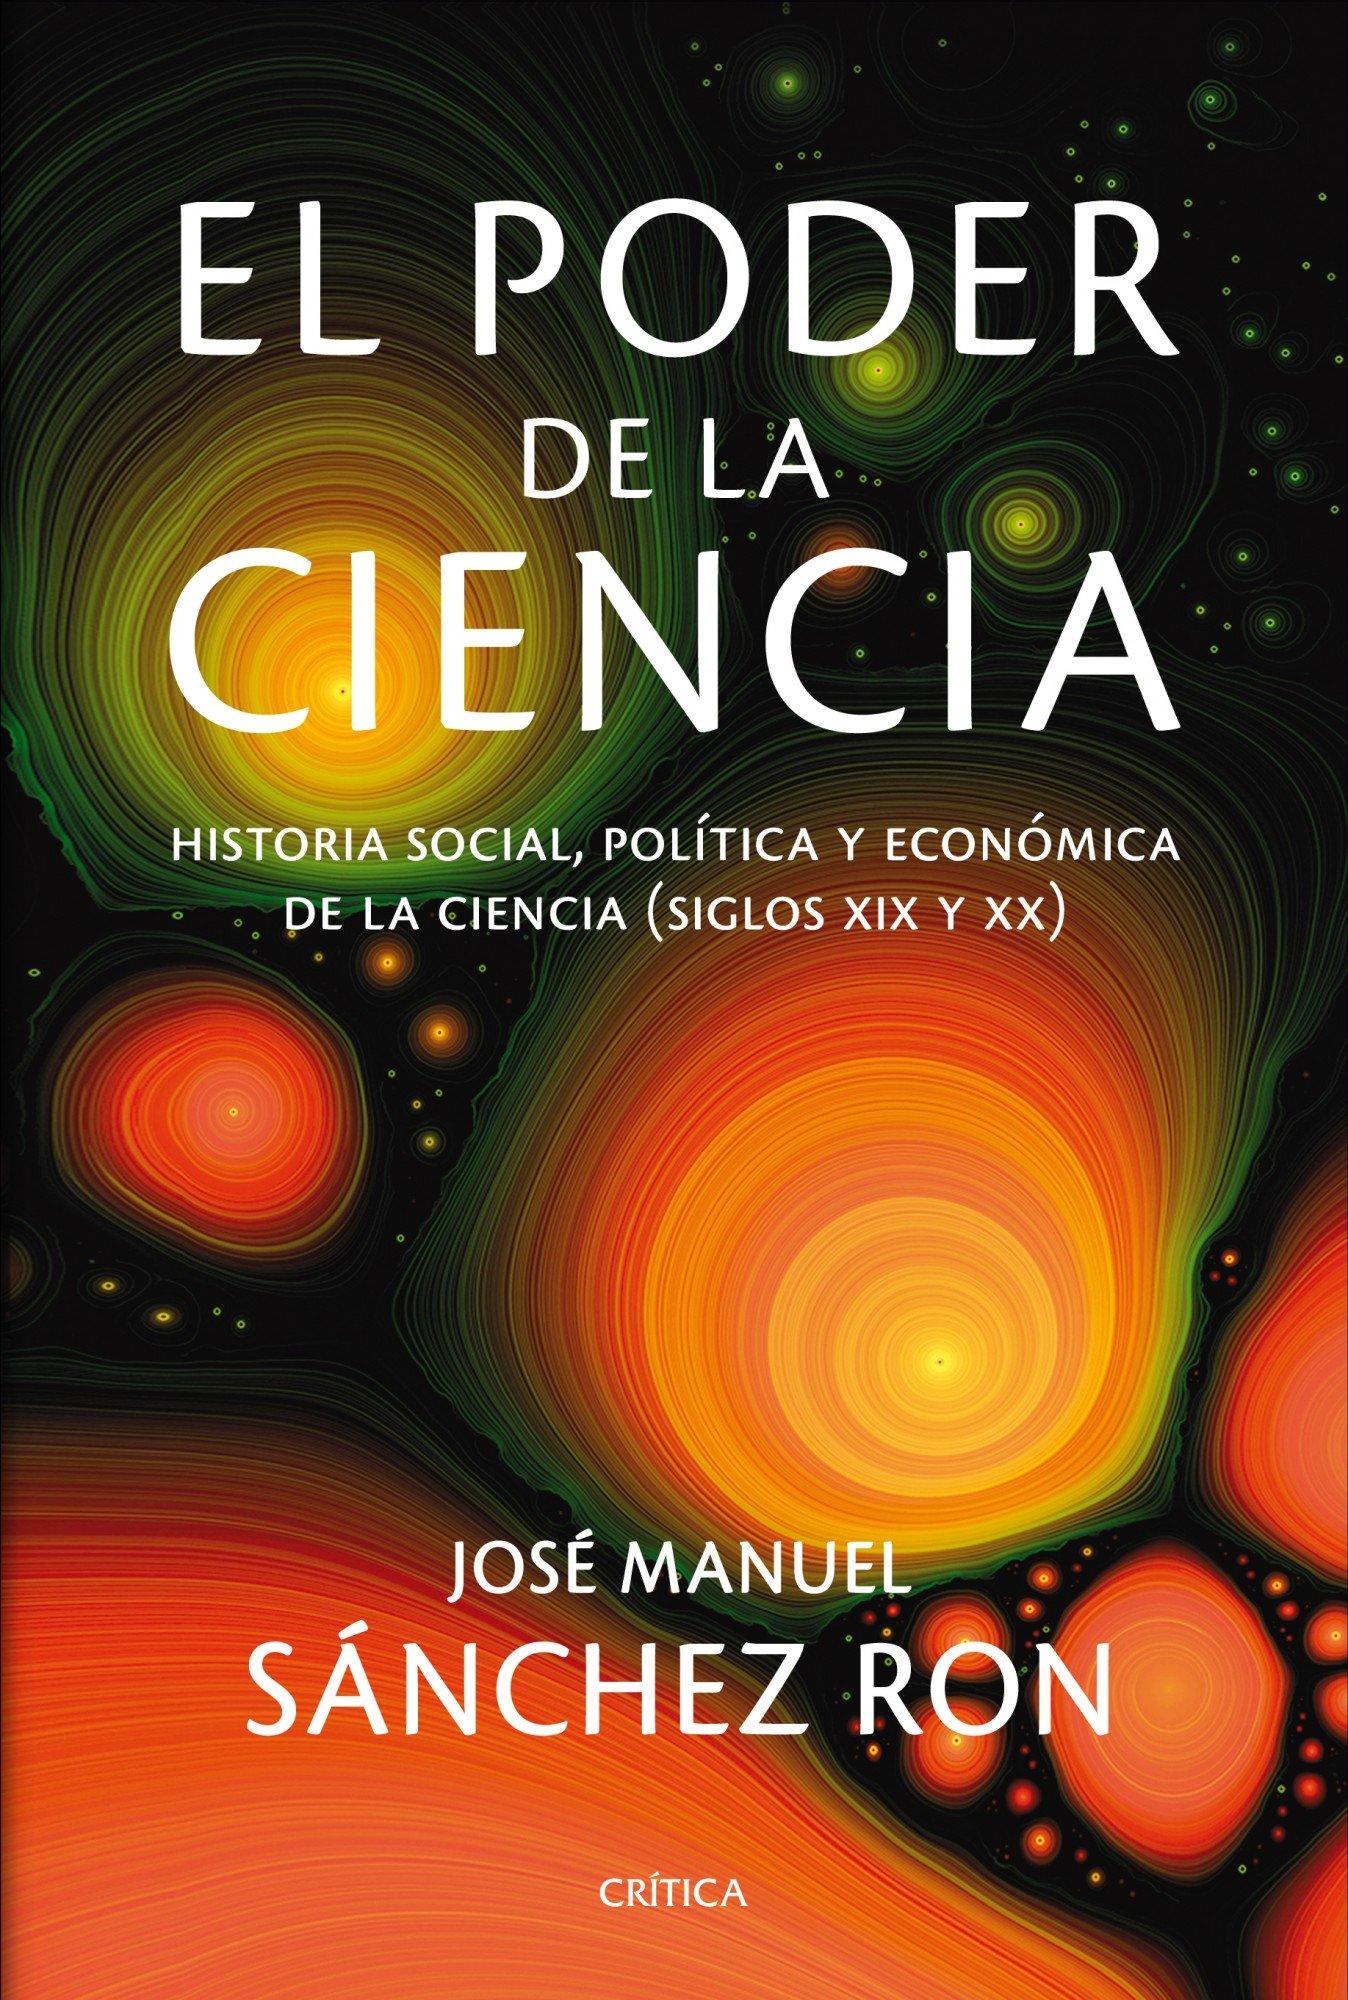 El poder de la ciencia: Historia social, política y económica ...